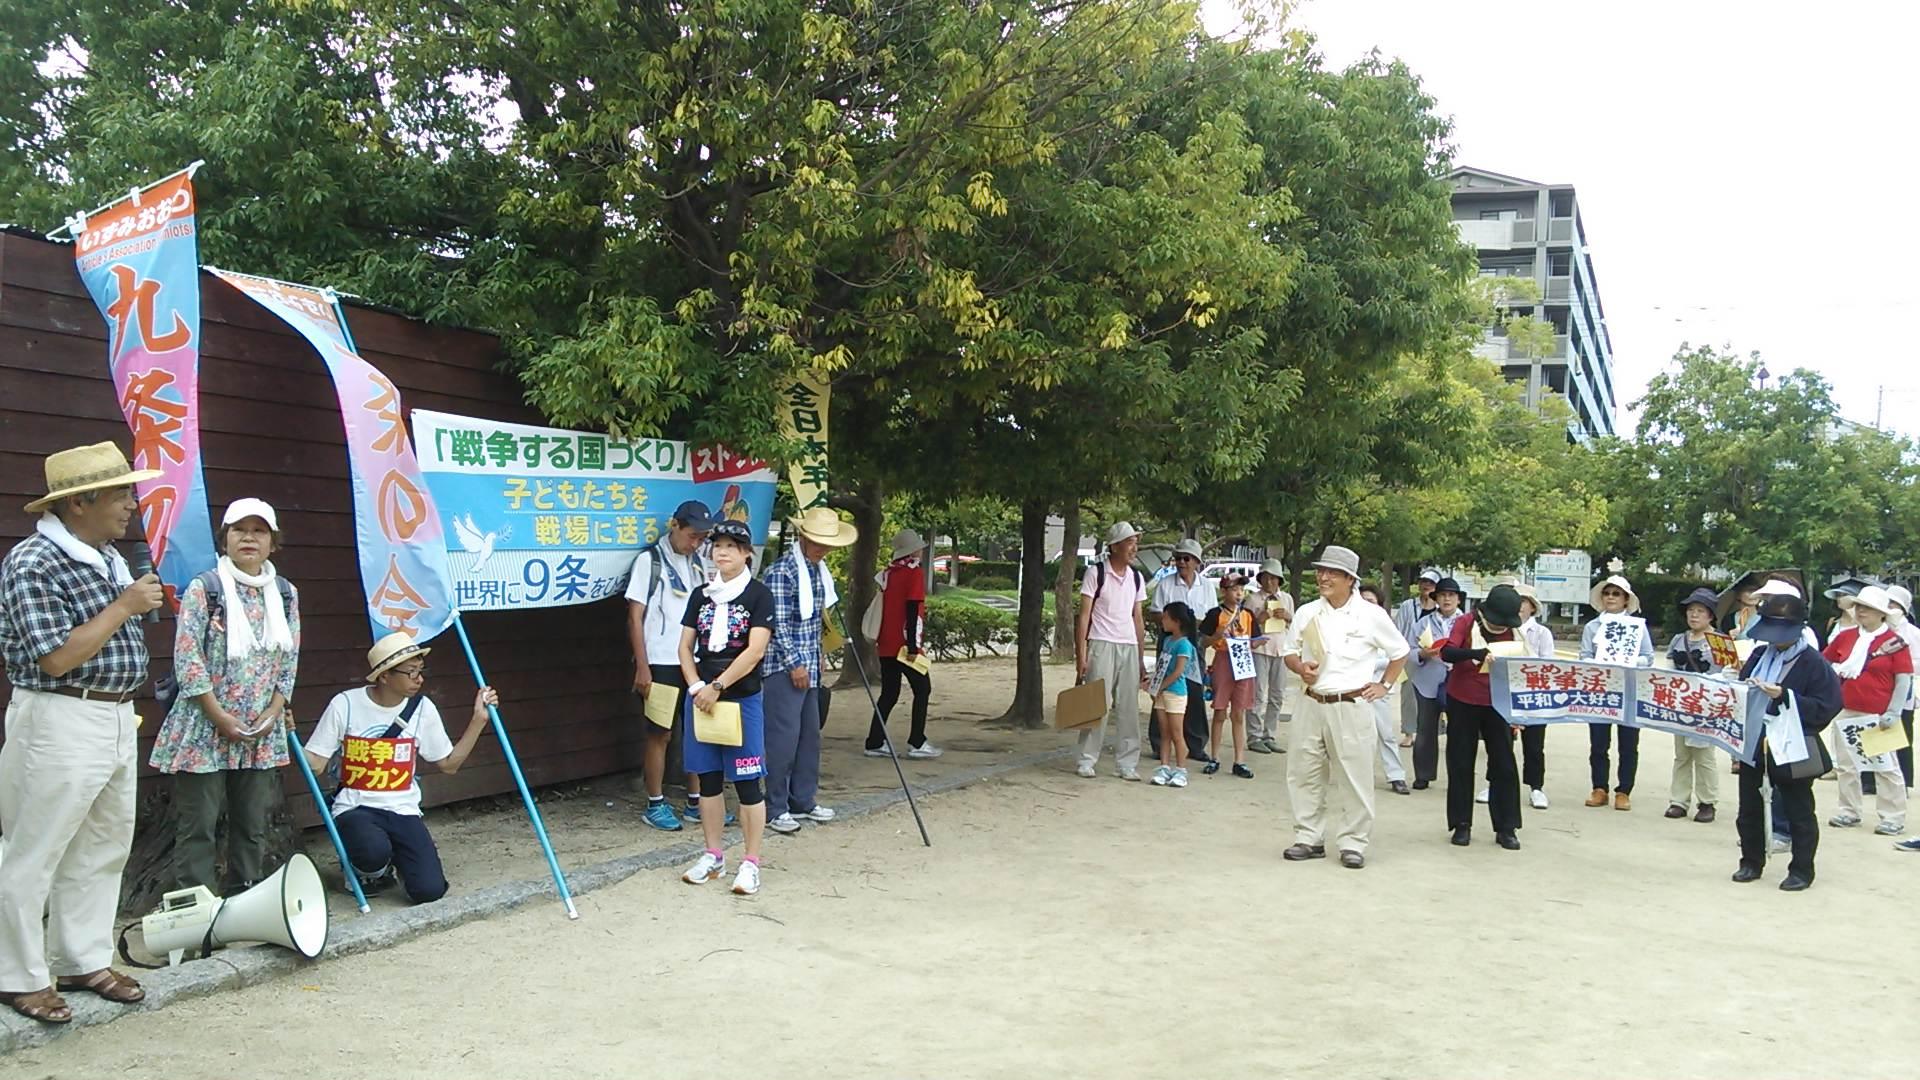 戦争法案に反対する泉大津市民パレード